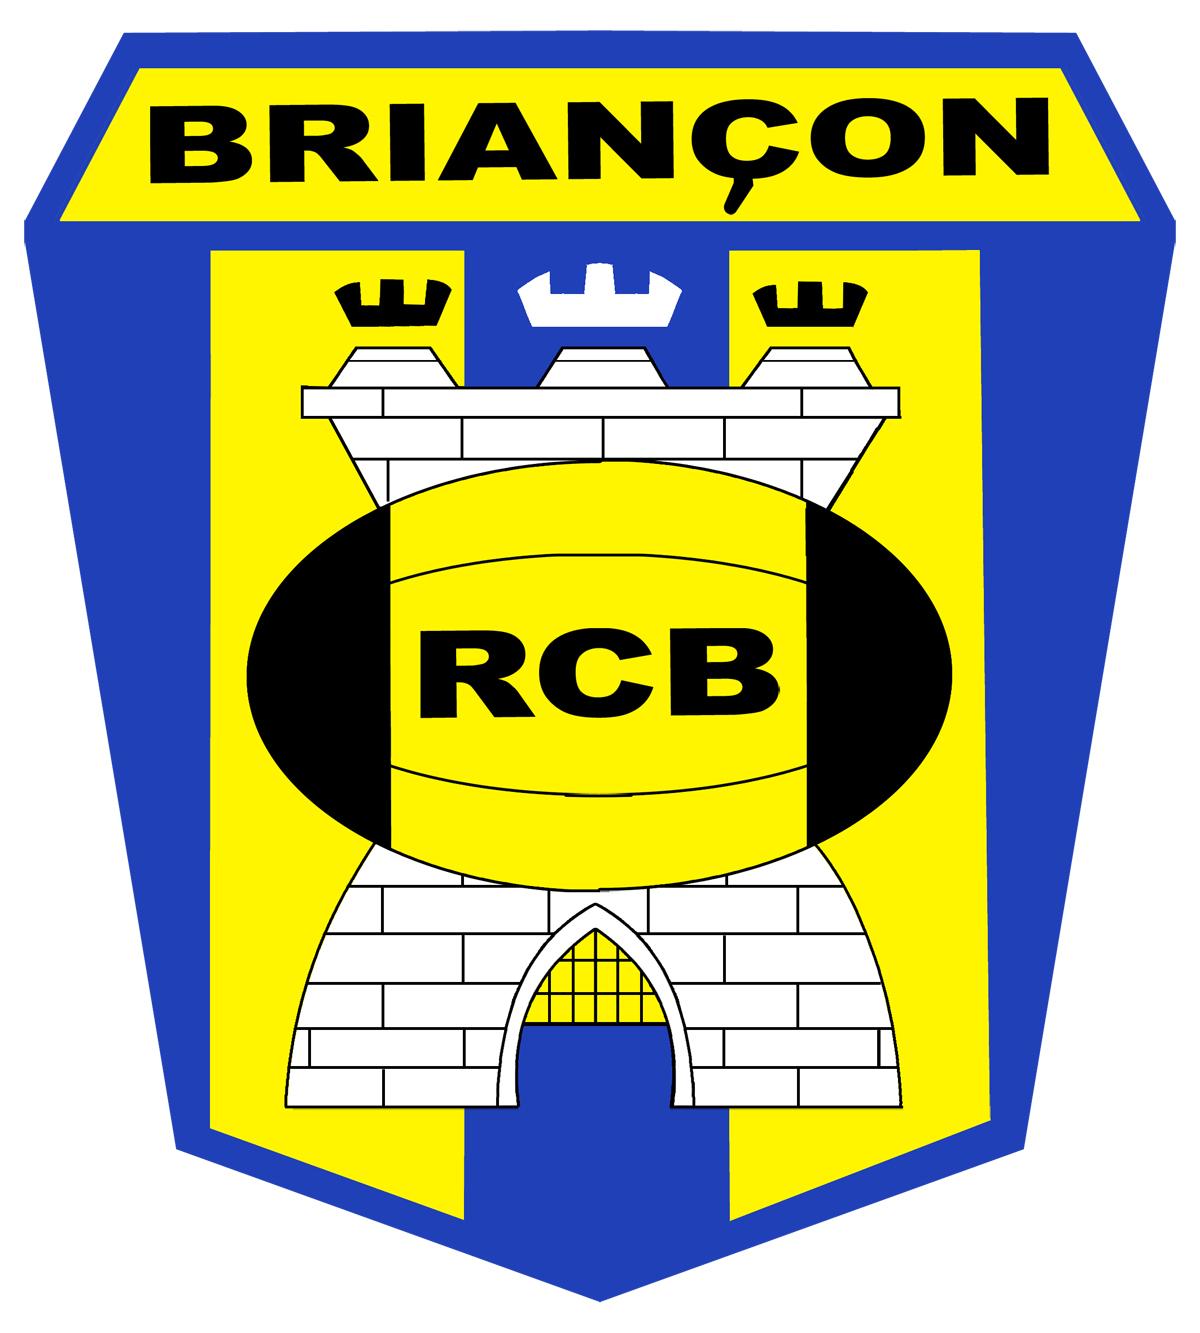 Briançon Rugby Club